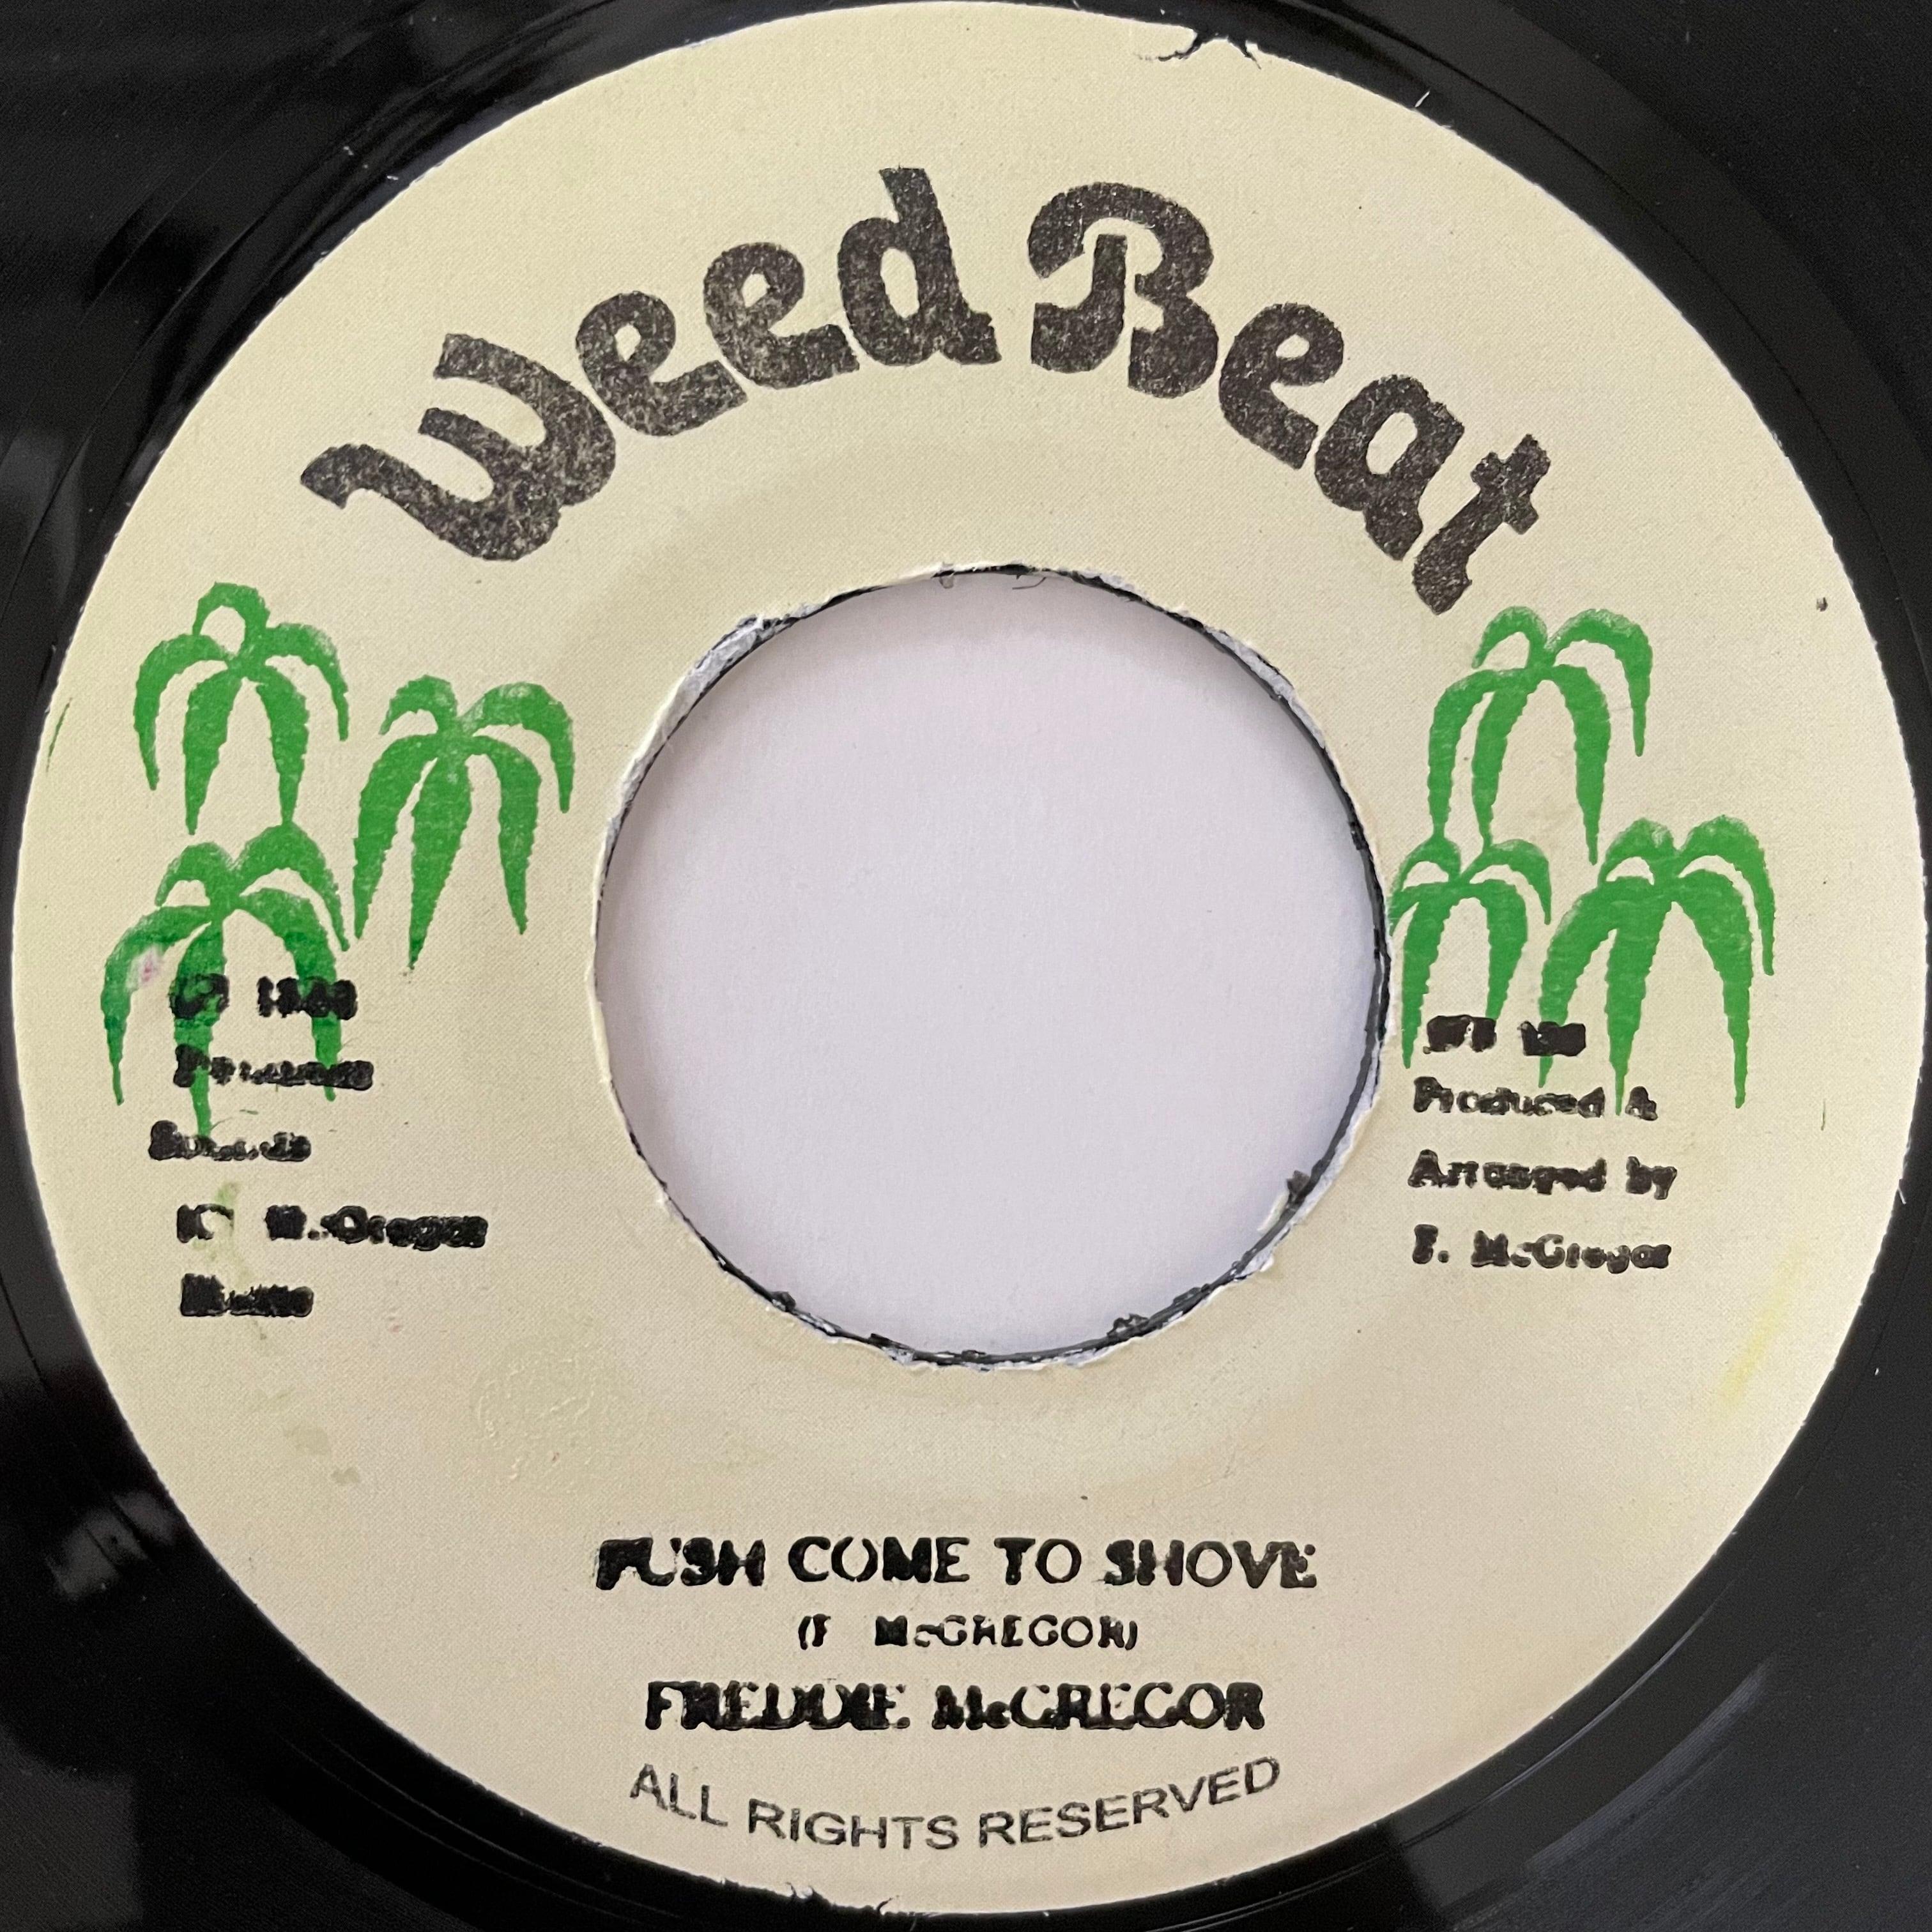 Freddie McGregor - Push Come To Shove【7-20743】